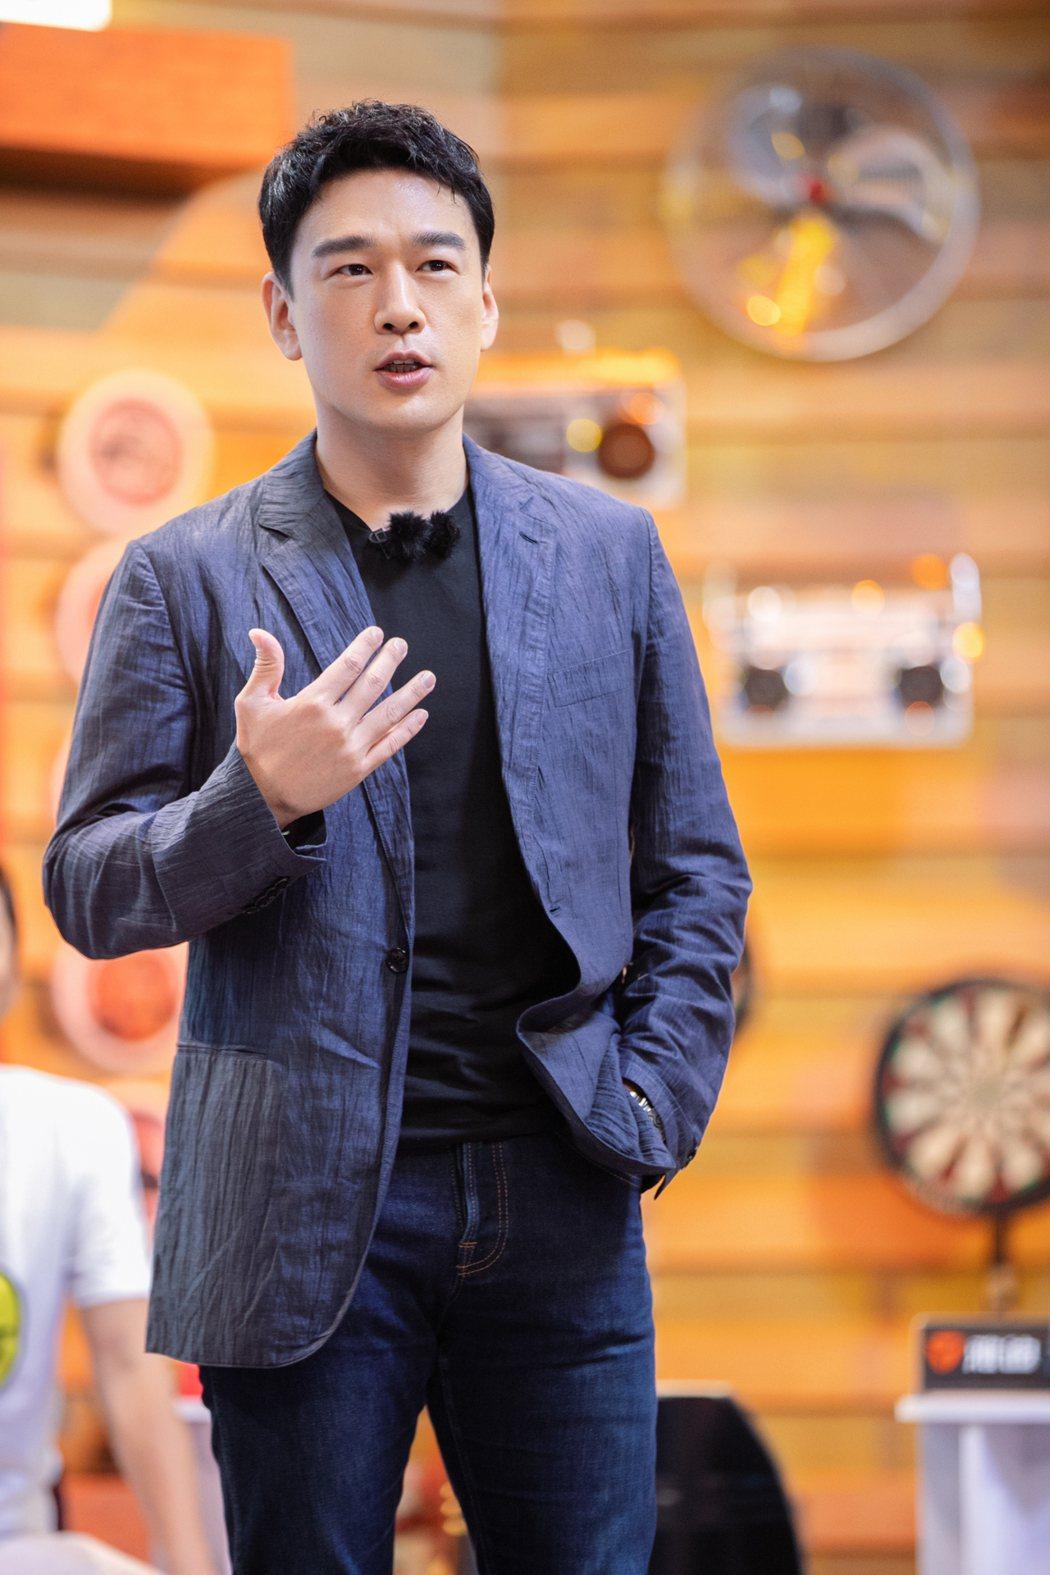 王耀慶赴陸發展已逾10年,凍齡模樣羨煞不少人。圖/擷自微博